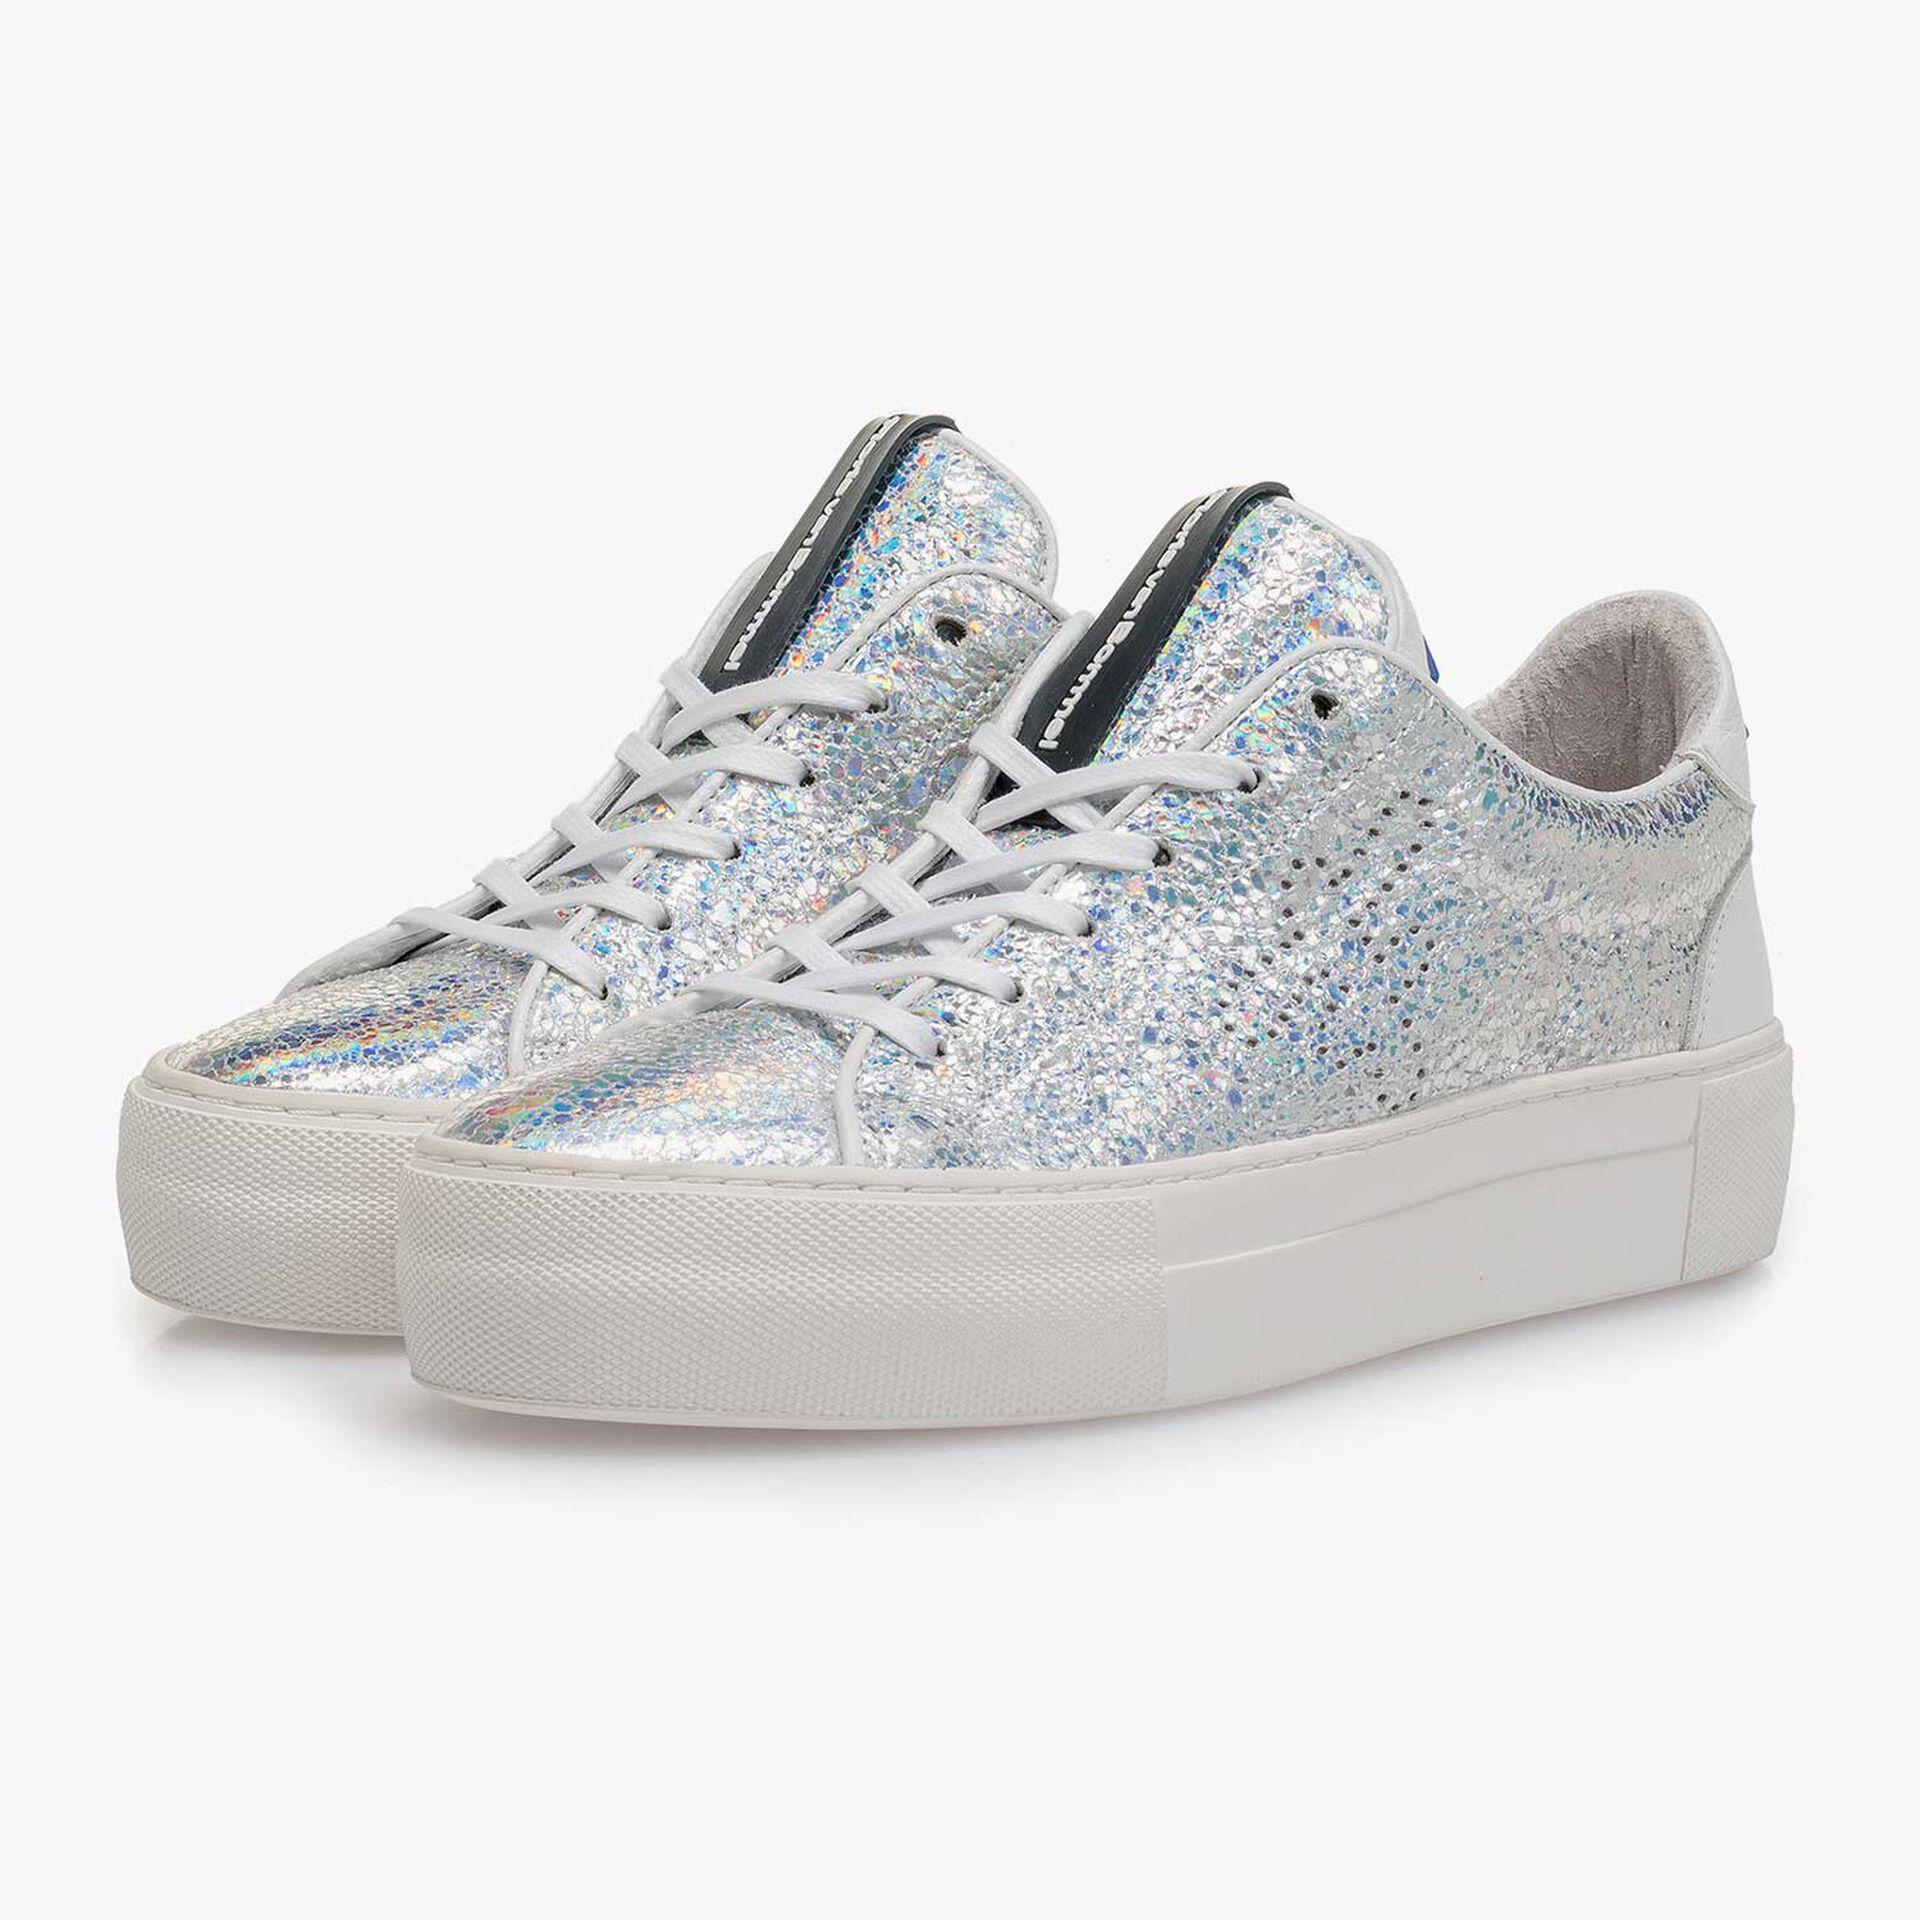 Zilveren metallic leren sneaker met craquelé effect